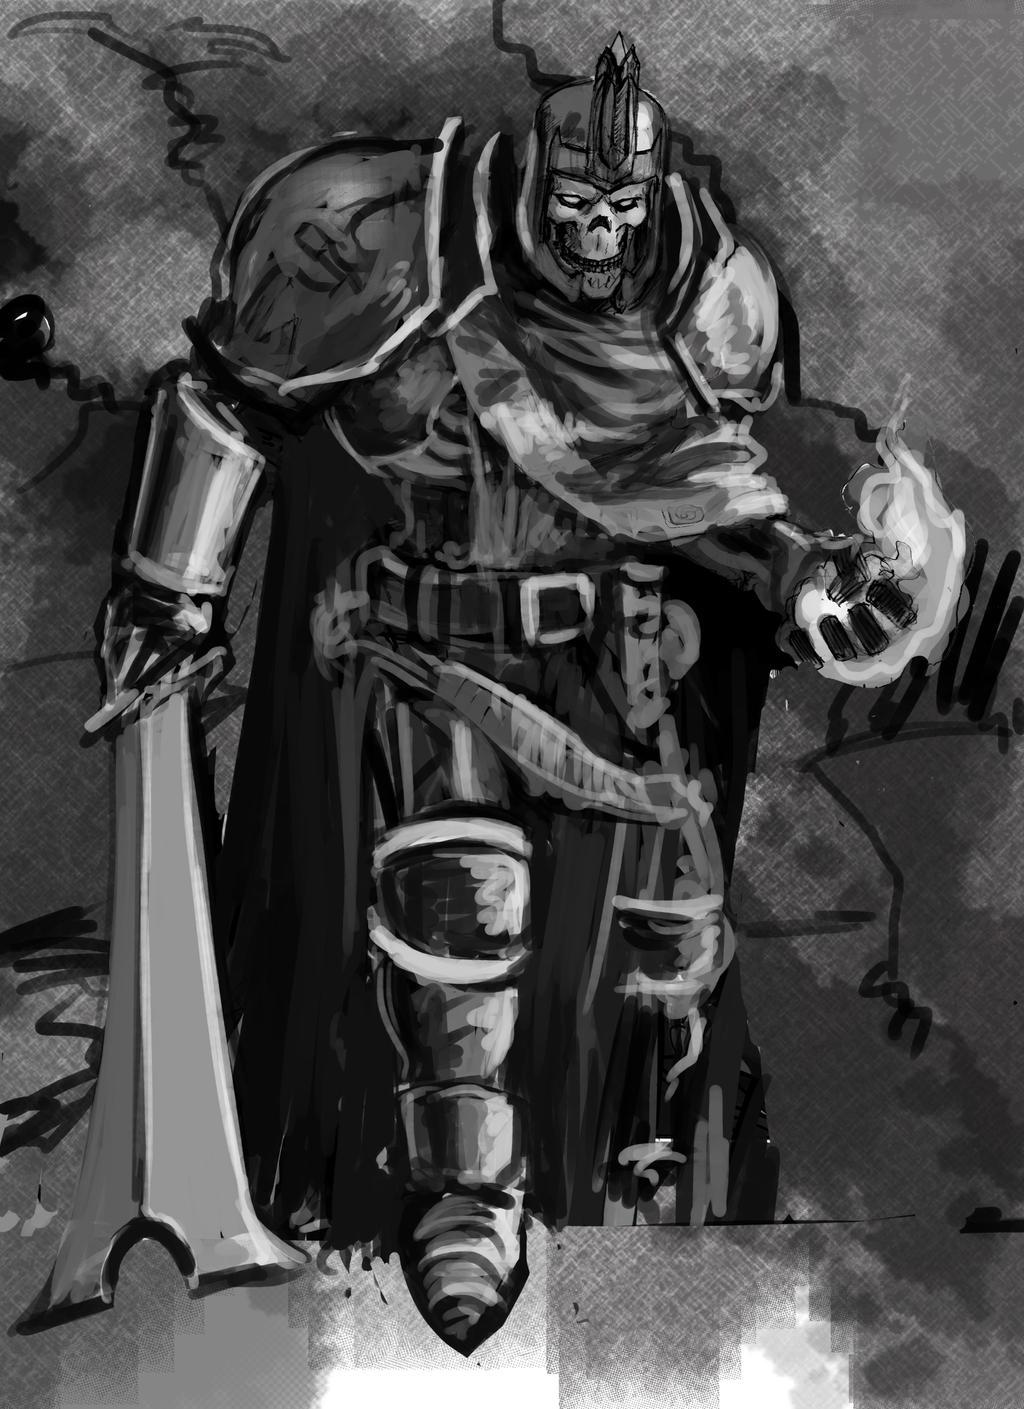 Skeleton King by AndgIl